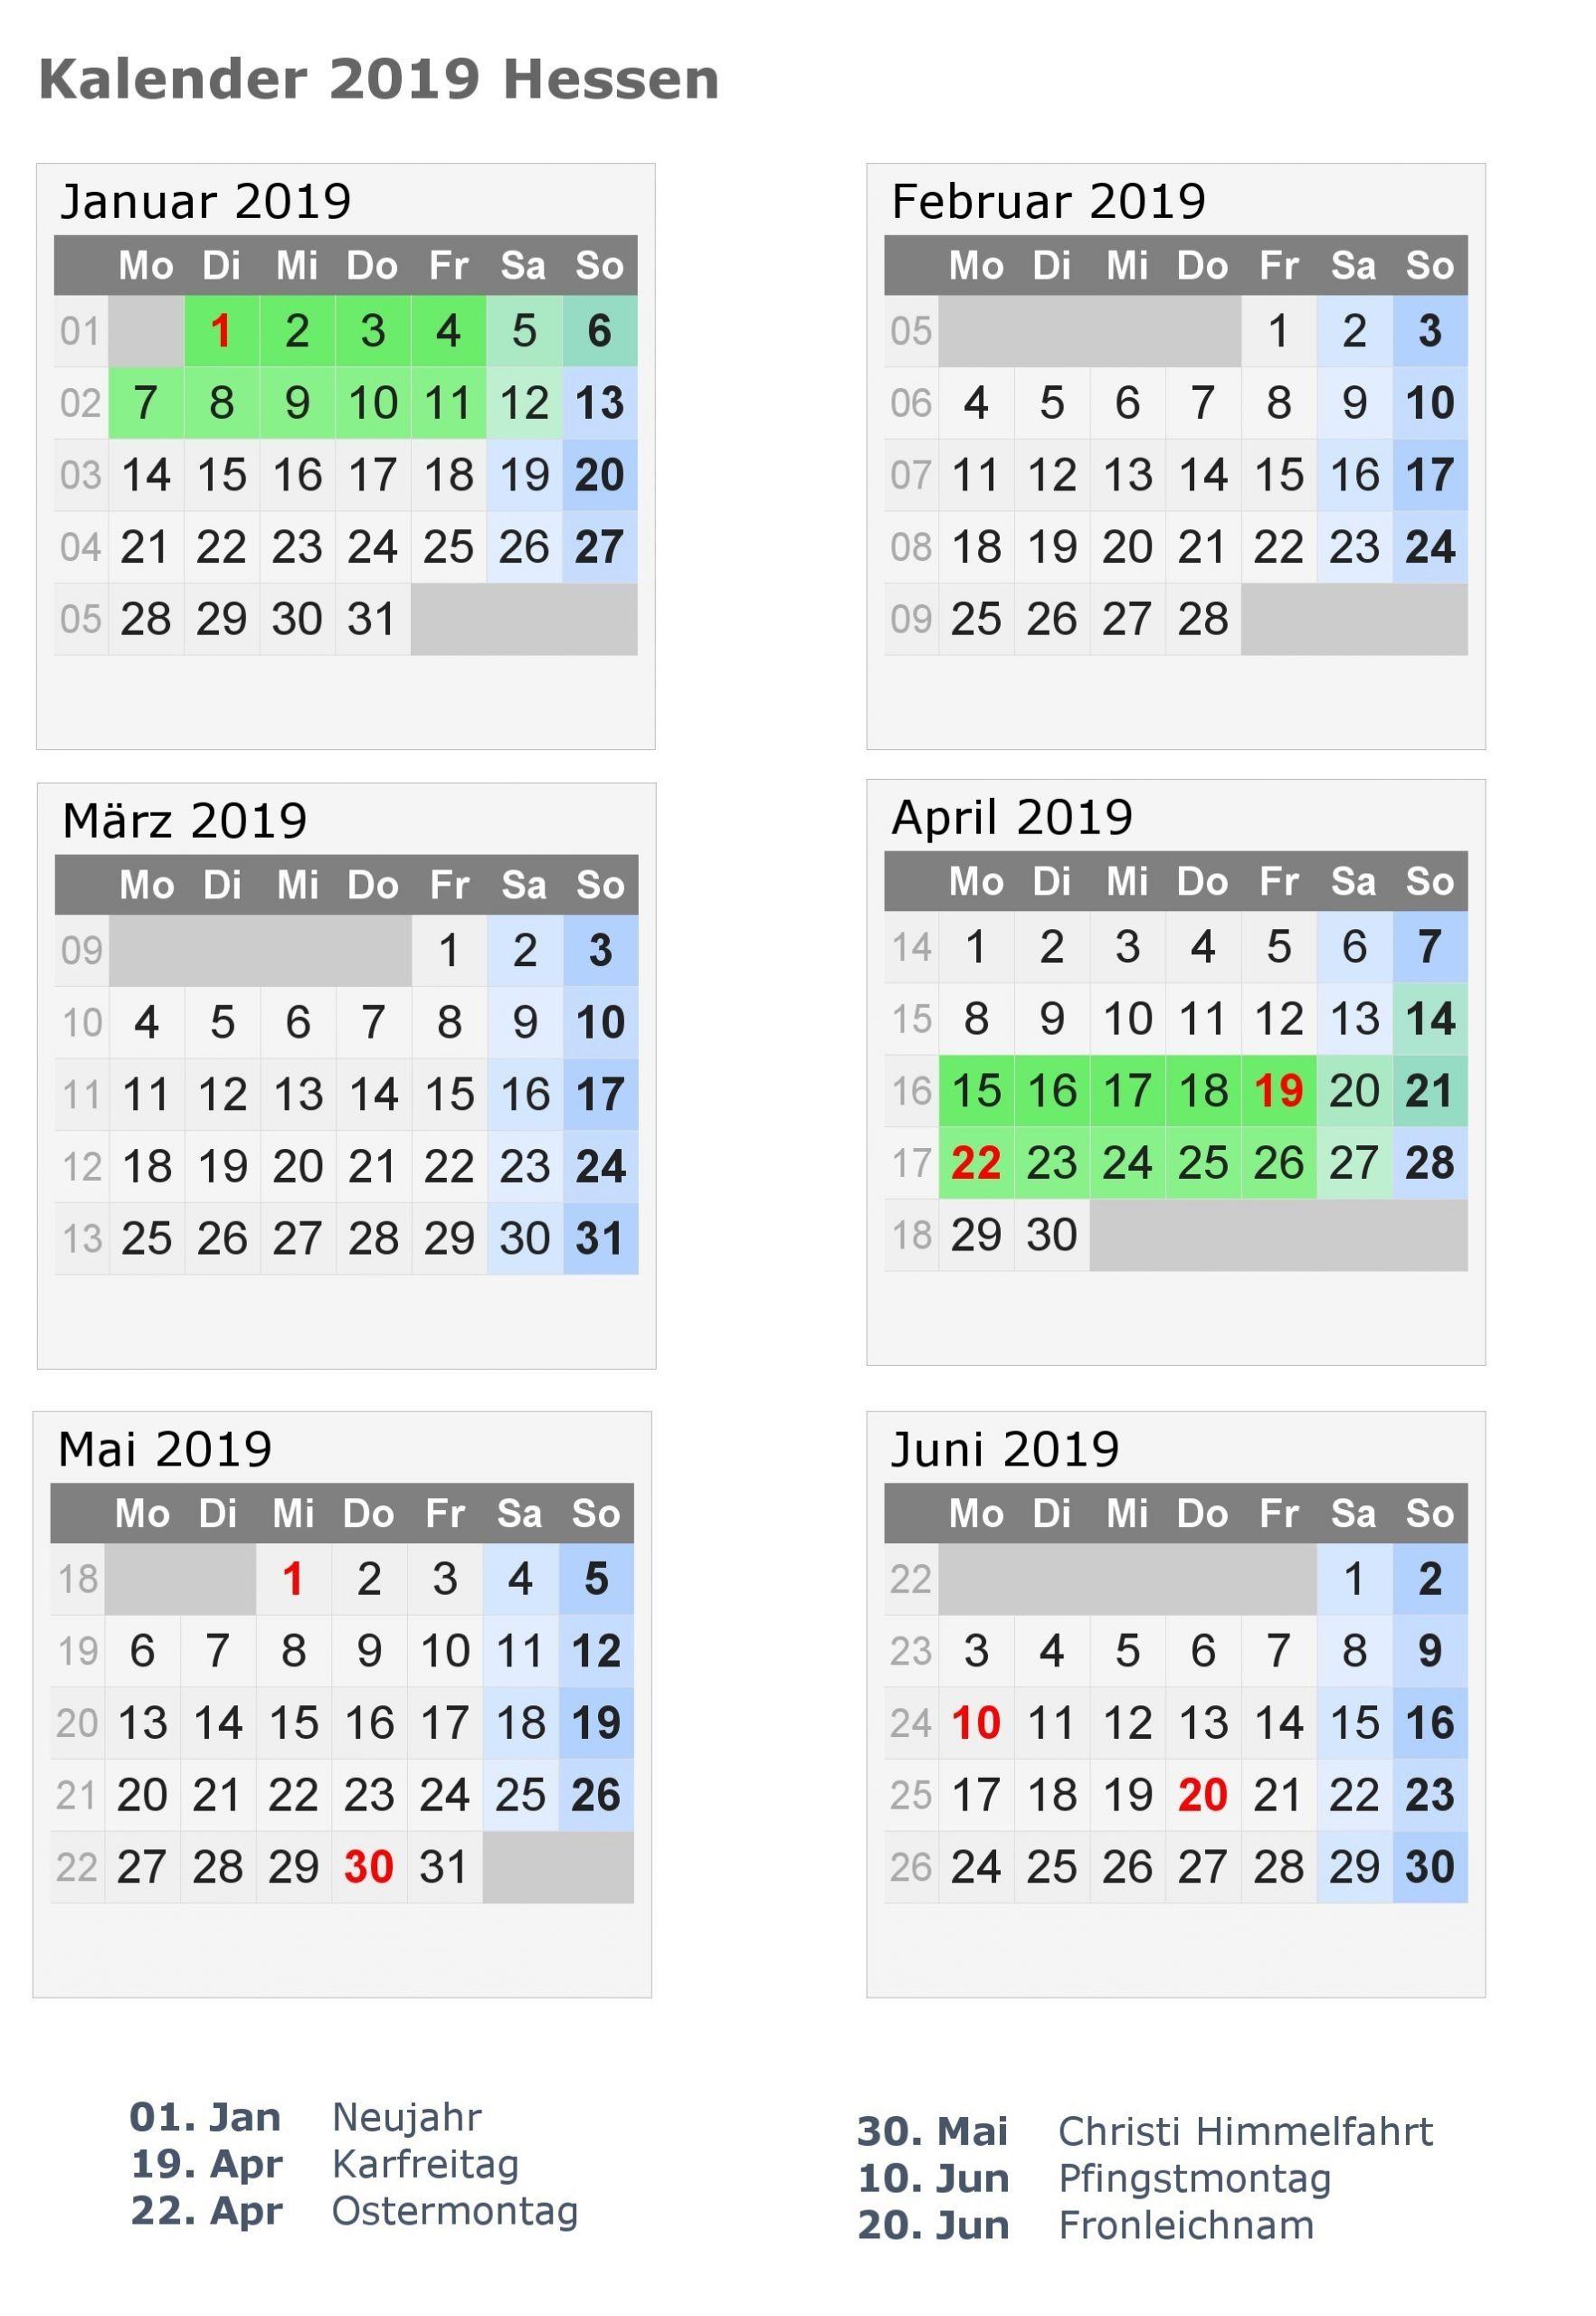 kalender 2019 pdf ferien mas actual vorlage kalender 2019 bayern halbjahreskalender 2019 zum ausdrucken of kalender 2019 pdf ferien